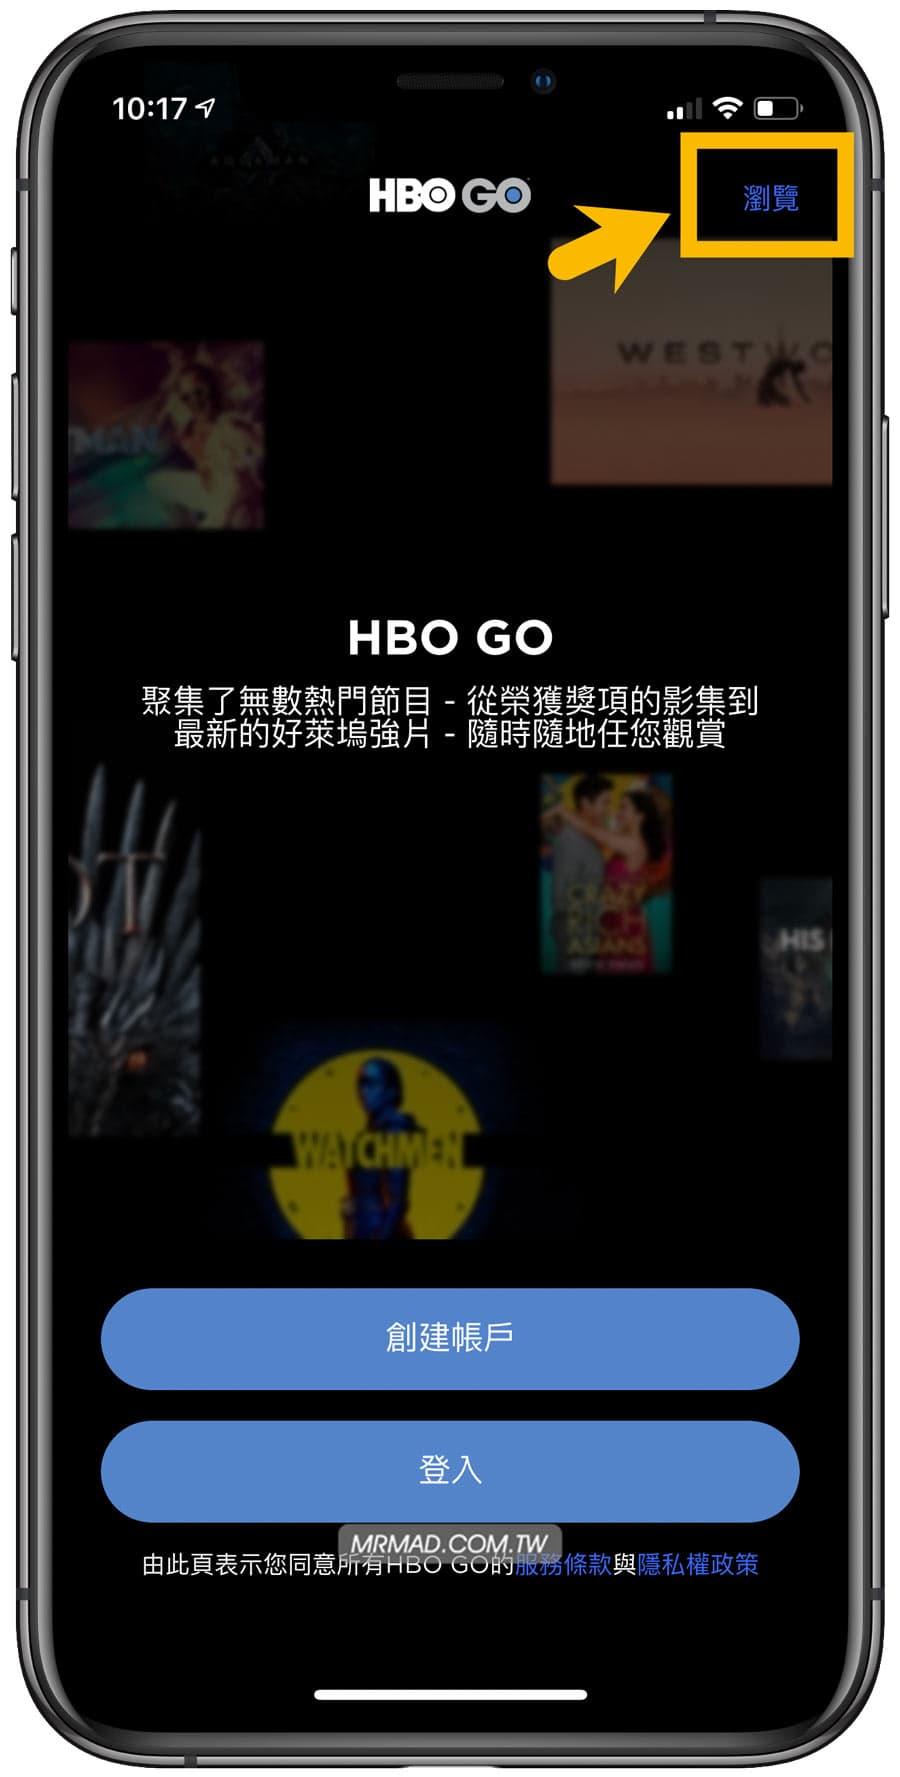 免訂閱 HBO GO App 免費開放一個月台灣用戶無限制觀賞